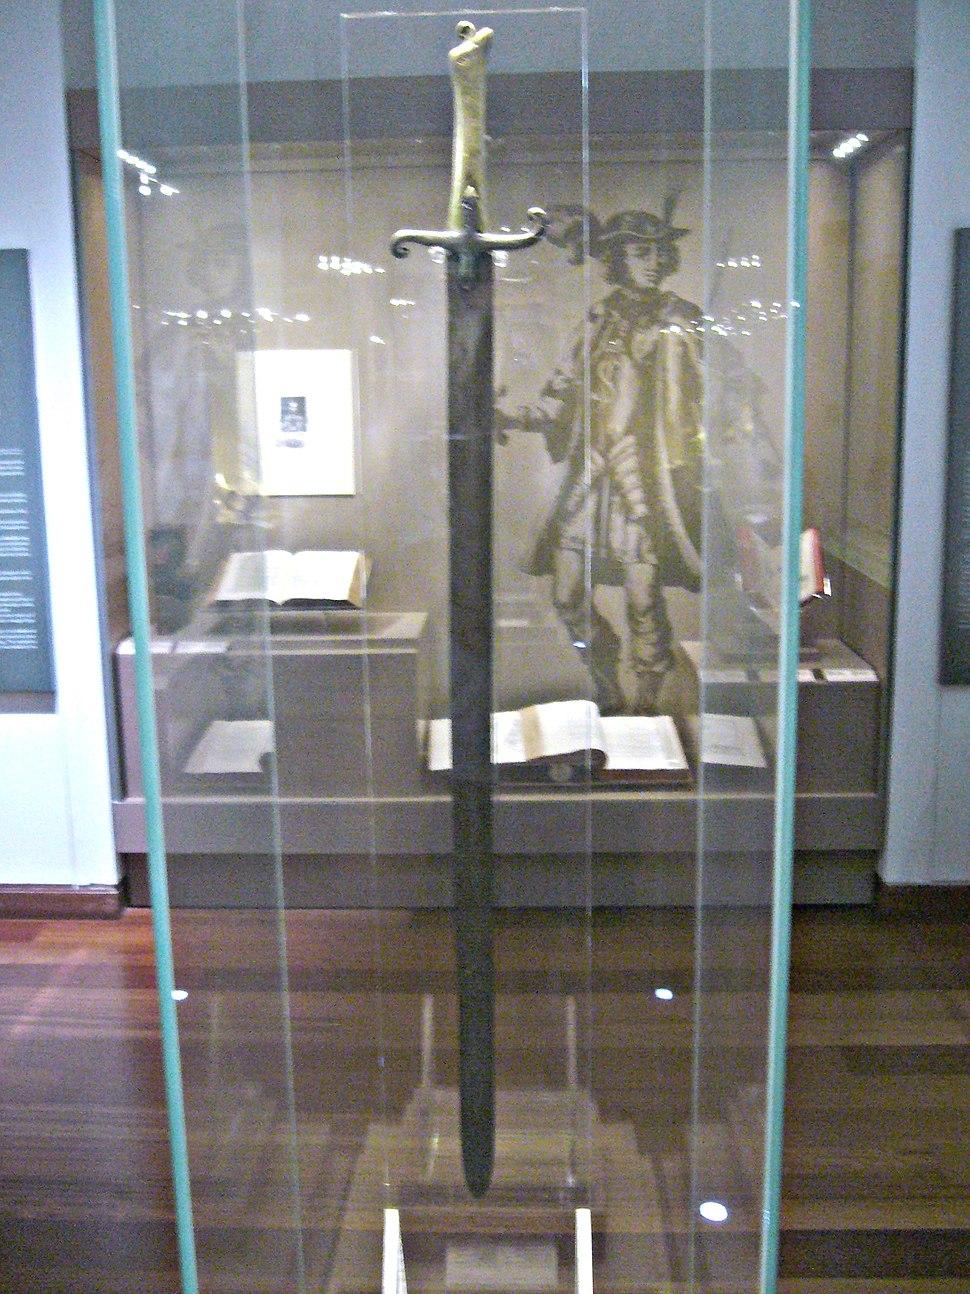 Muzei Leventis-Crusader Sword